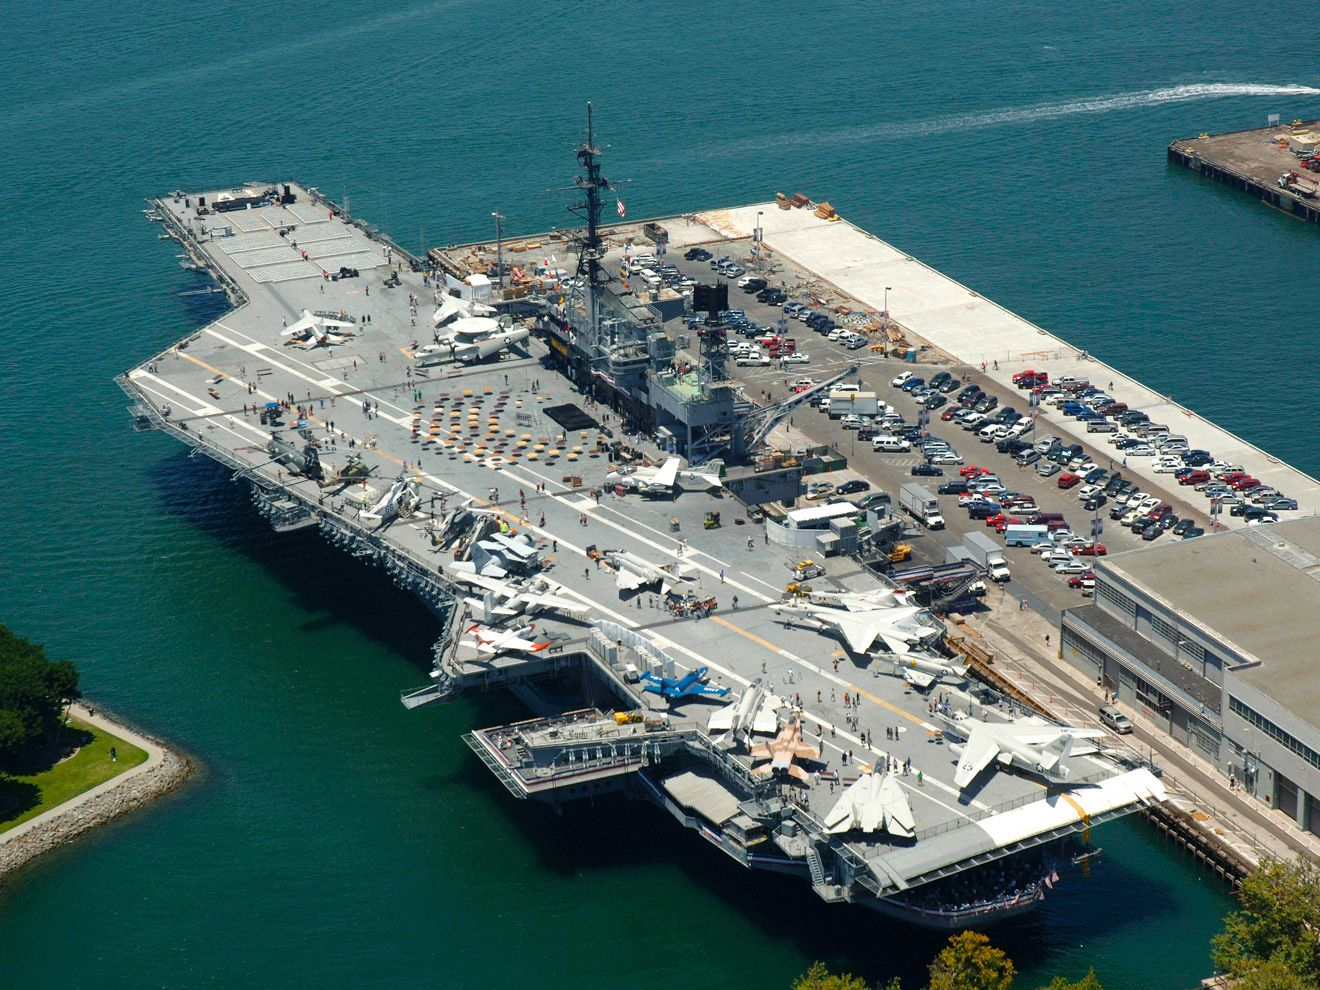 Navy Pier in San Diego